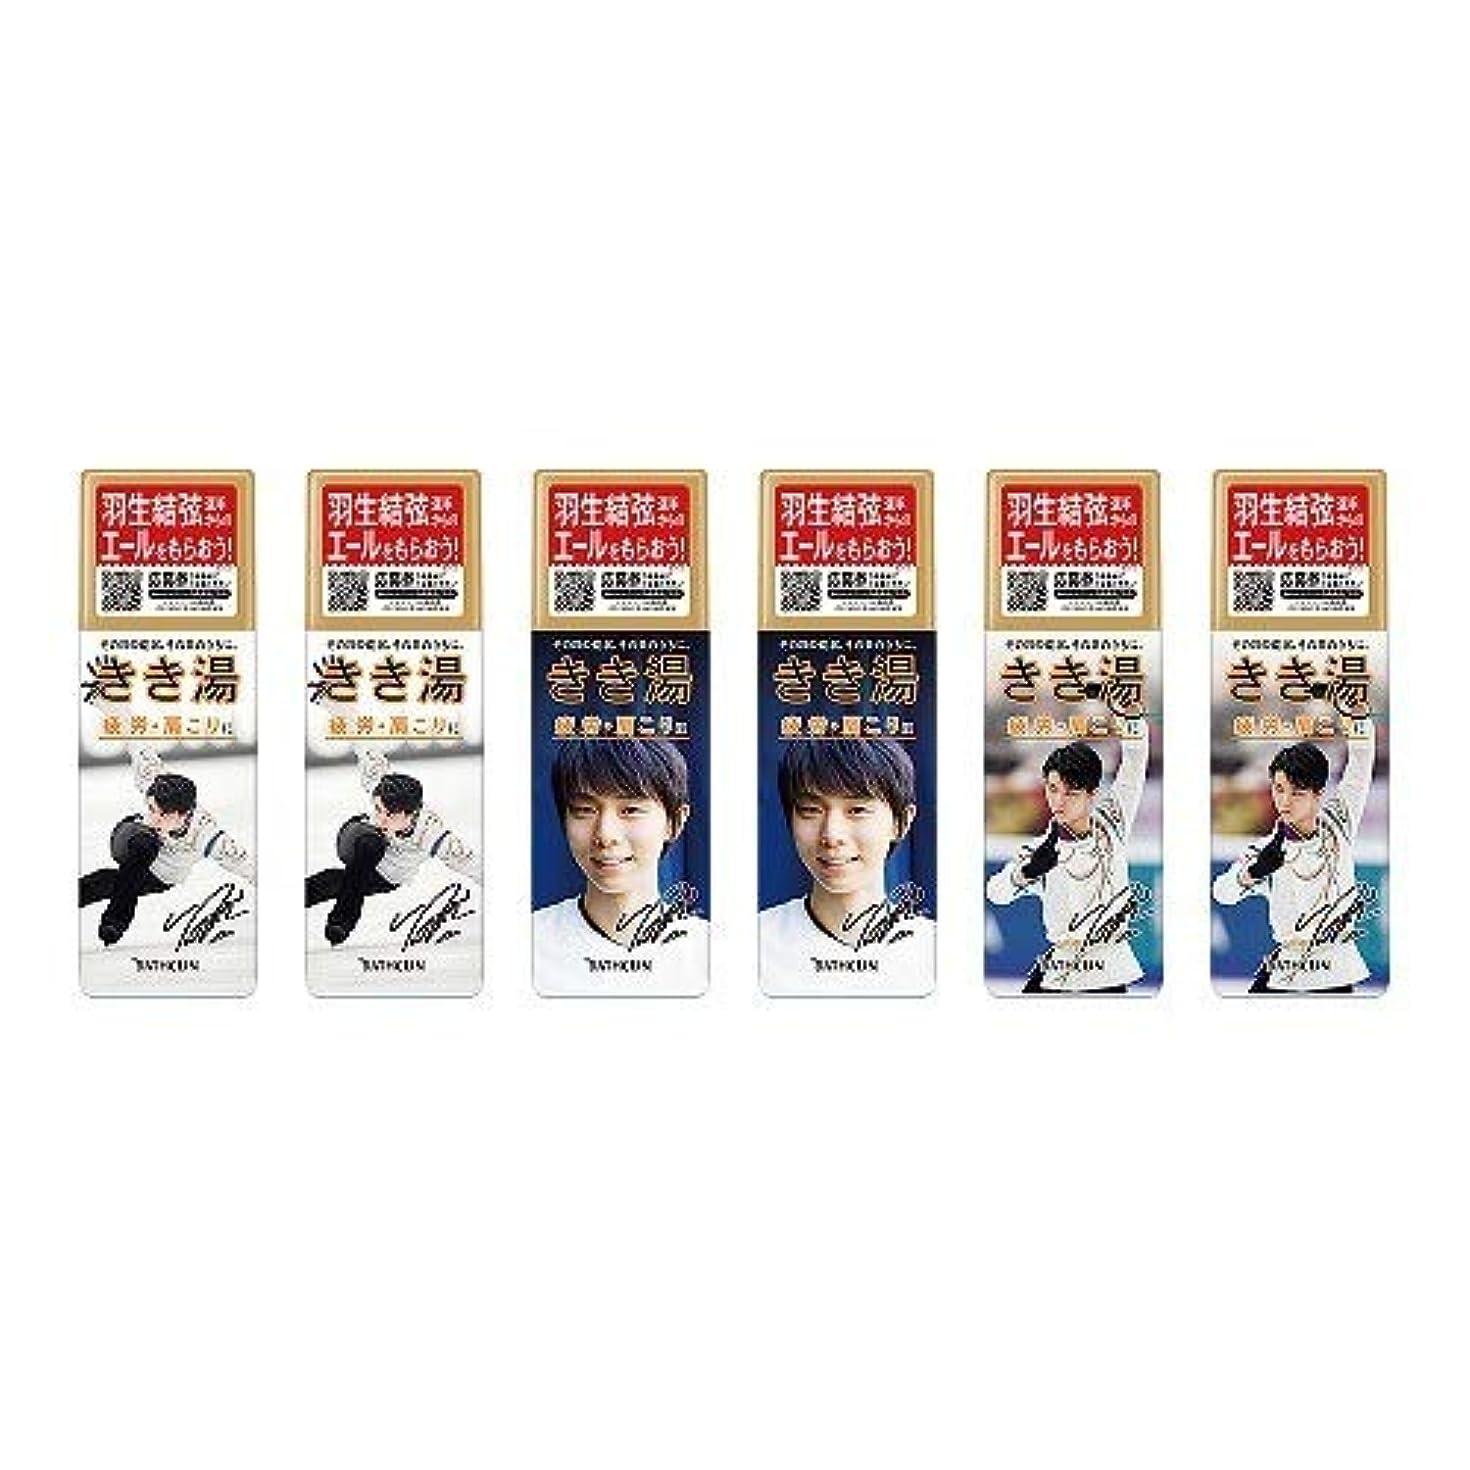 矢印タイピスト精神きき湯 スペシャルモデル 羽生選手エールボトル 360g×3種×2本セット